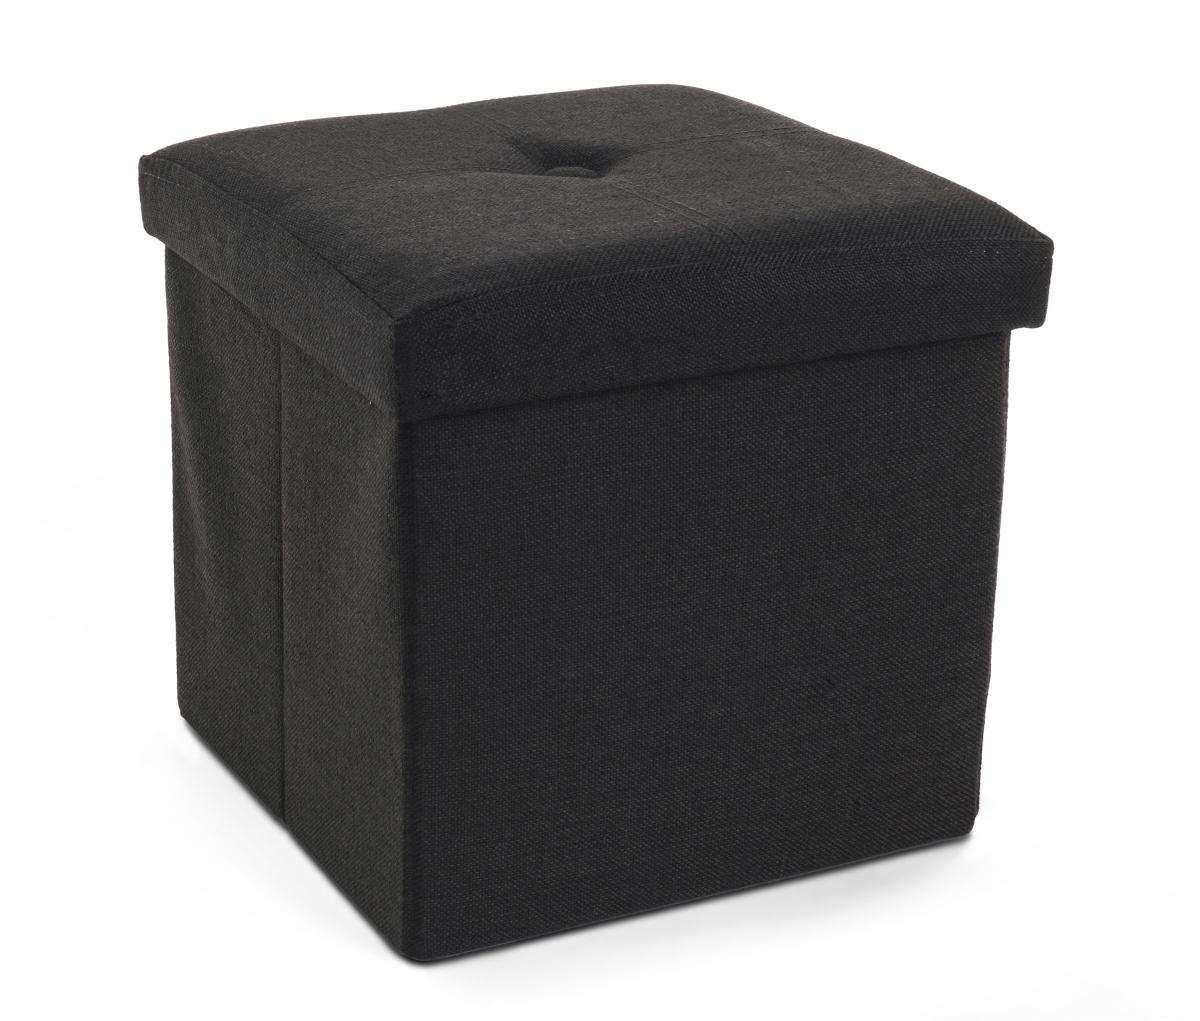 Sedací boxer skládací s úložným prostorem černý